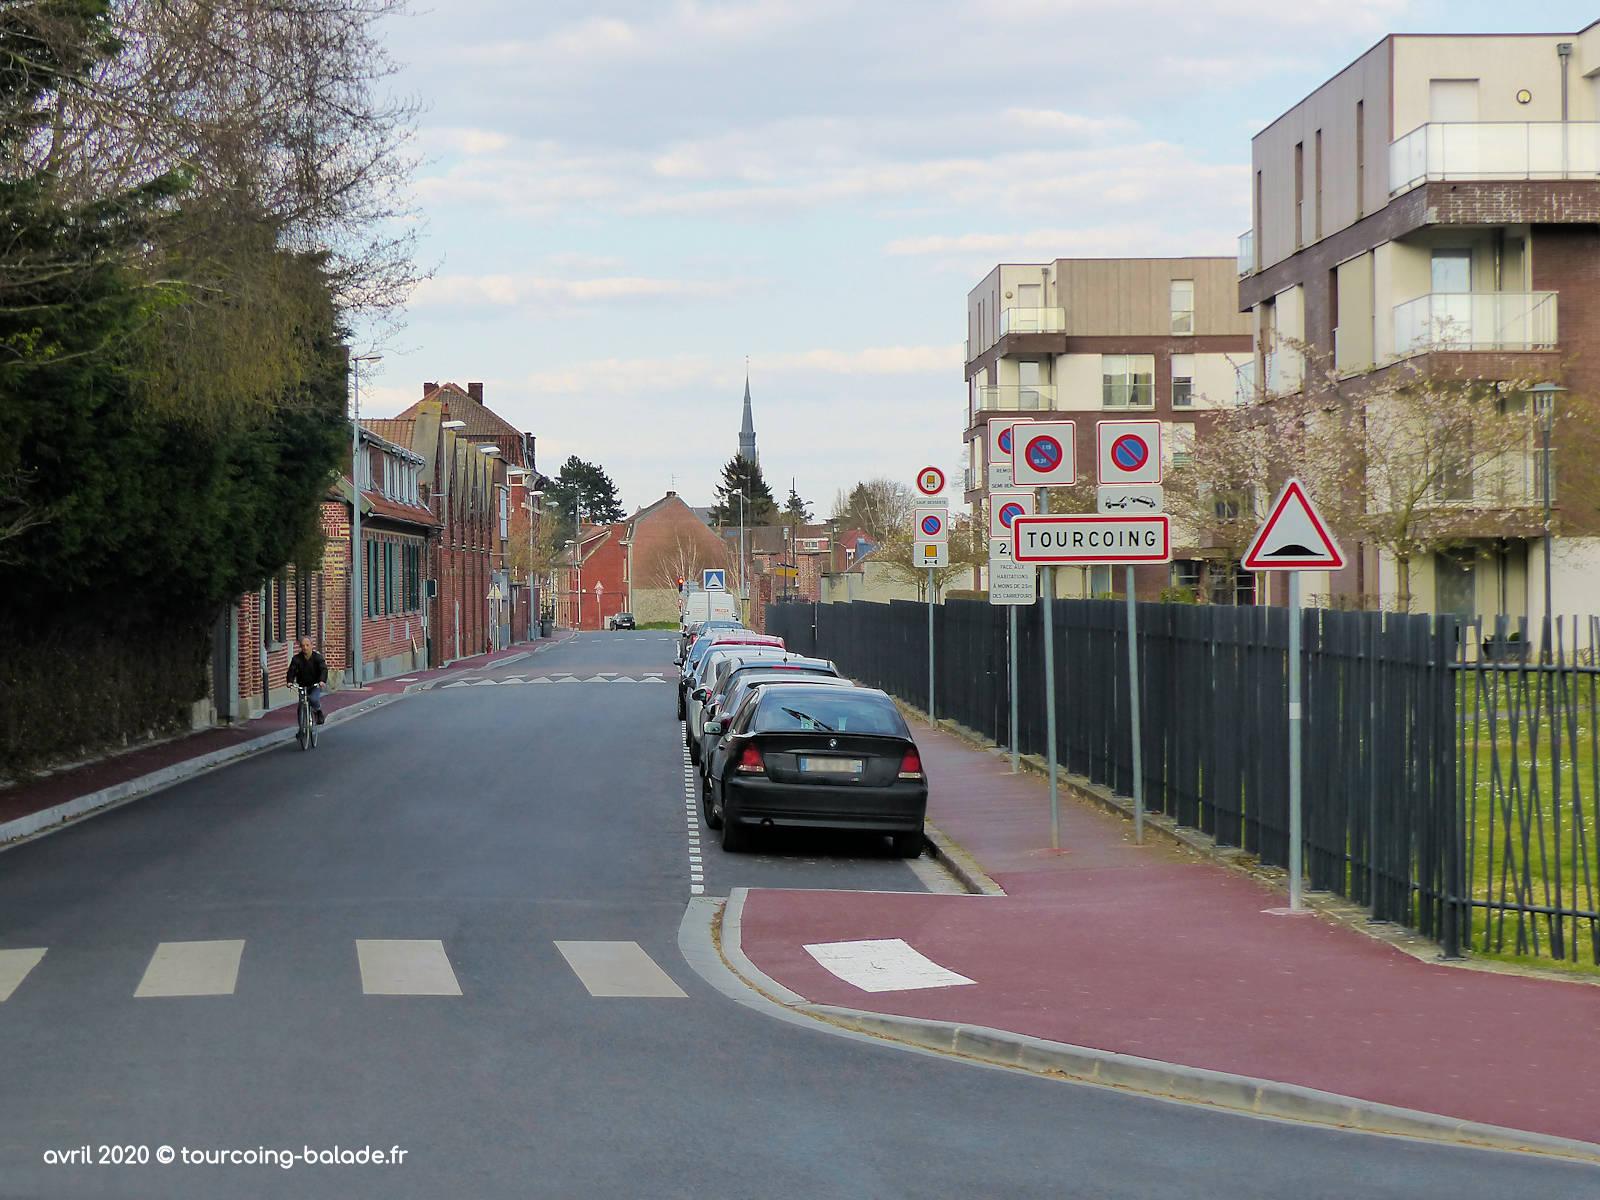 Panneau Ville Tourcoing, rue du Flocon, 2020